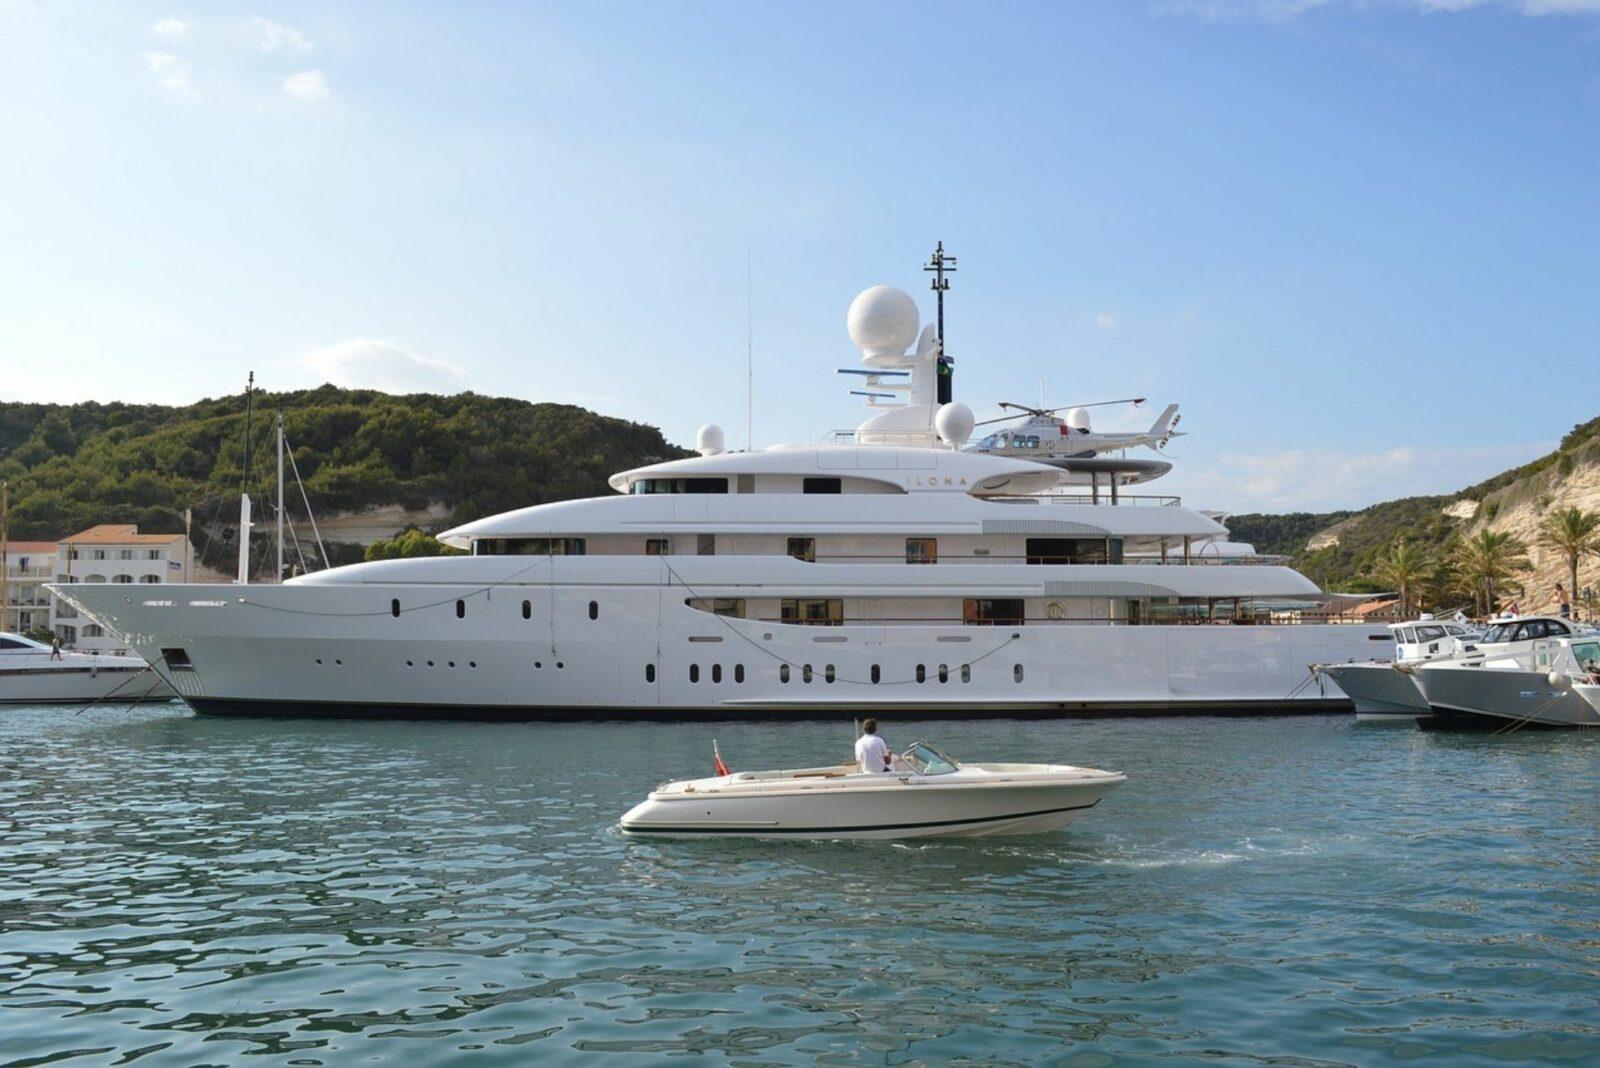 Itinéraire de bateau en Corse : optez pour un séjour sur l'île de Beauté